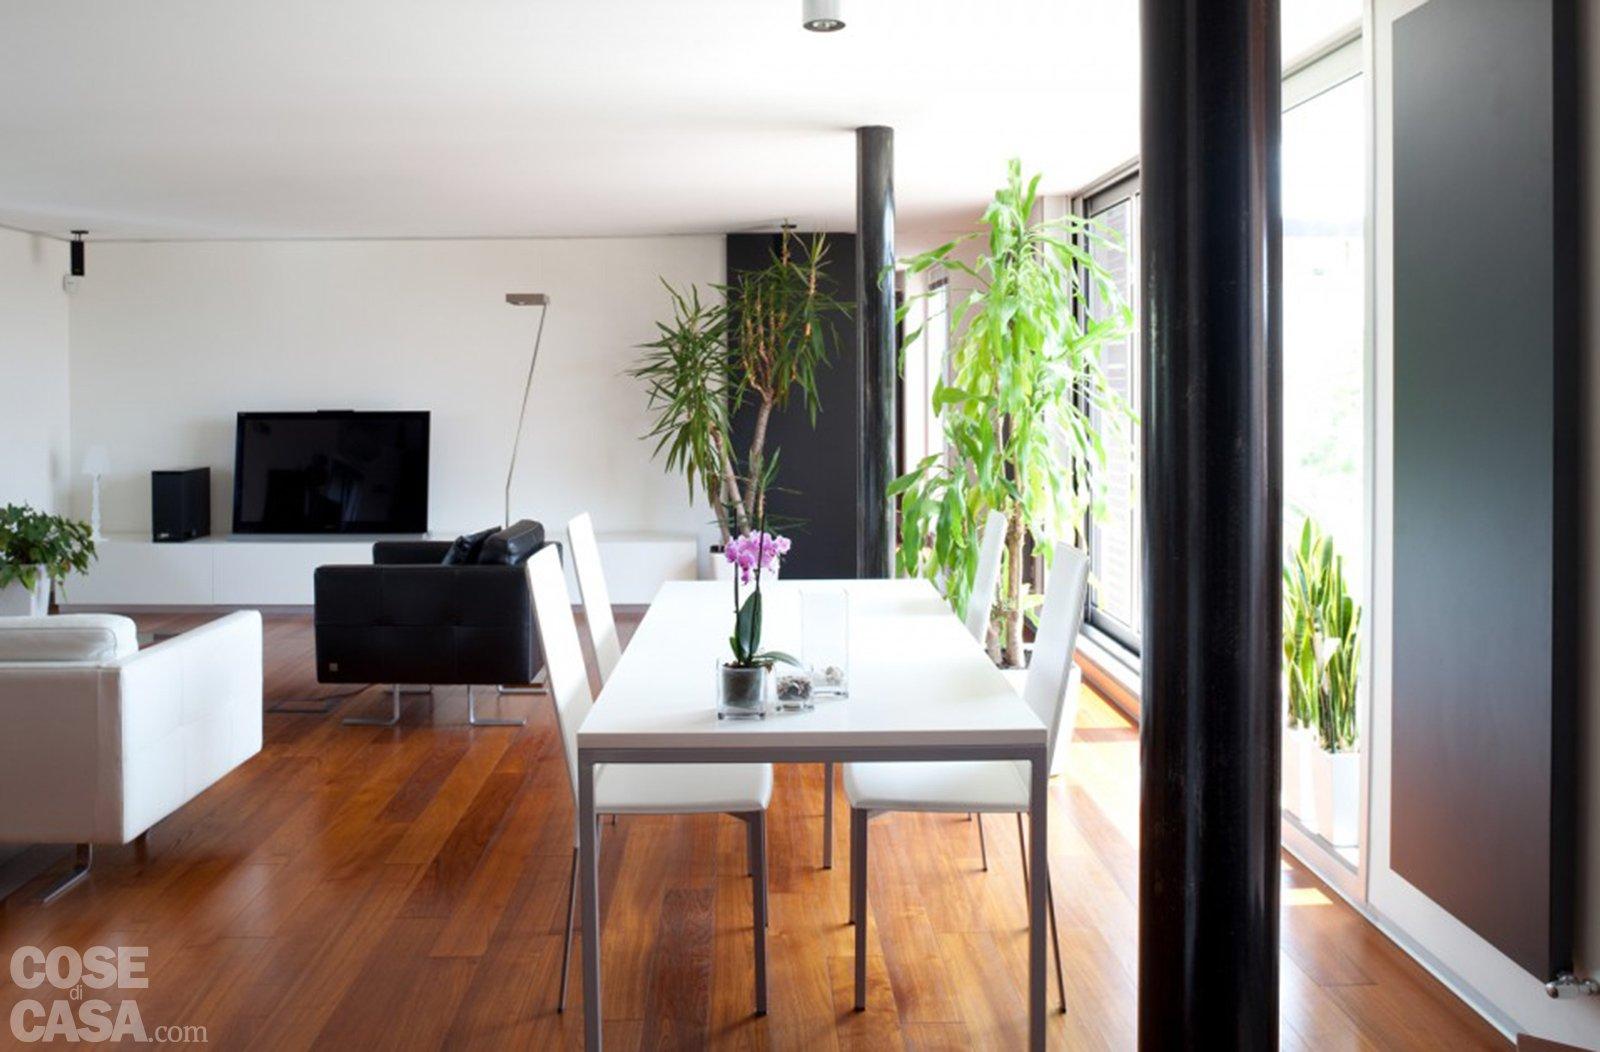 80 mq una casa per due perfetta per fare inviti cose for Casa con due soggiorni